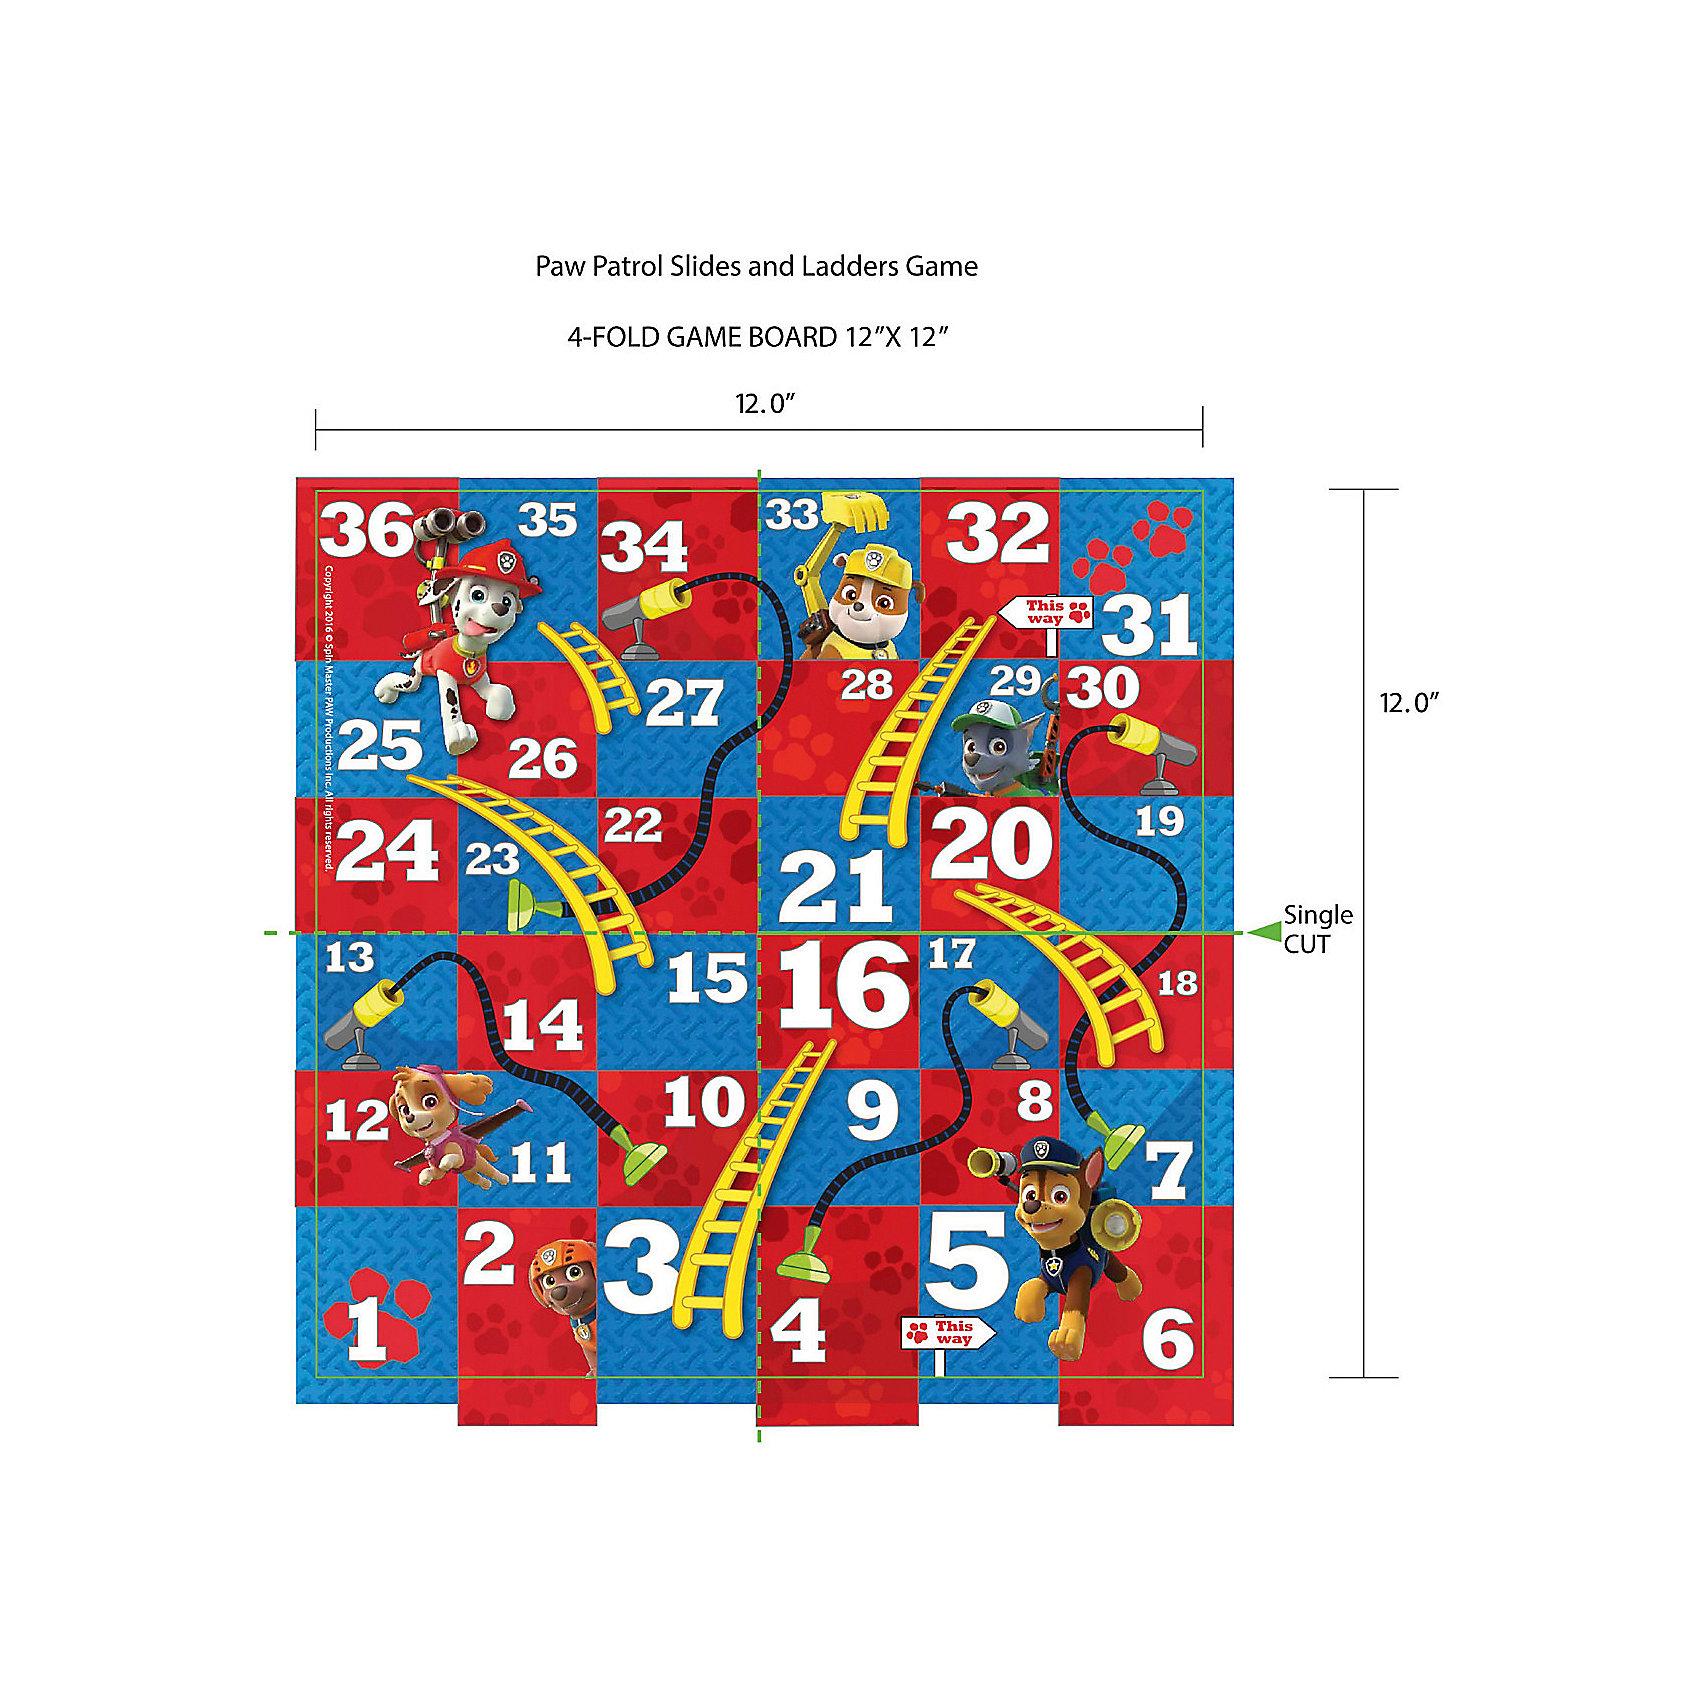 Настольная игра Канаты и лестницы, Щенячий ПатрульНастольные игры ходилки<br>Характеристики:<br><br>• комплектация: игровое поле, 4 фишки, волчок;<br>• количество игроков: 2-4 человека;<br>• материал: картон, пластик;<br>• размер игрового поля: 25,5х25,5 см;<br>• размер упаковки: 26,5х20х4,5 см;<br>• вес: 388 г.<br><br>Настольная игра «Канаты и лестницы» поможет узнать, кто из щенков «Щенячий Патруль» быстрее всех справится с заданием и придет на помощь. Игроки поочередно вращают волчок, ходы осуществляются согласно выпавшим значениям. Кто первым доберется к маяку – тот и станет победителем. <br><br>Настольную игру Канаты и лестницы, Щенячий Патруль можно купить в нашем магазине.<br><br>Ширина мм: 200<br>Глубина мм: 265<br>Высота мм: 45<br>Вес г: 388<br>Возраст от месяцев: 36<br>Возраст до месяцев: 2147483647<br>Пол: Унисекс<br>Возраст: Детский<br>SKU: 5298034